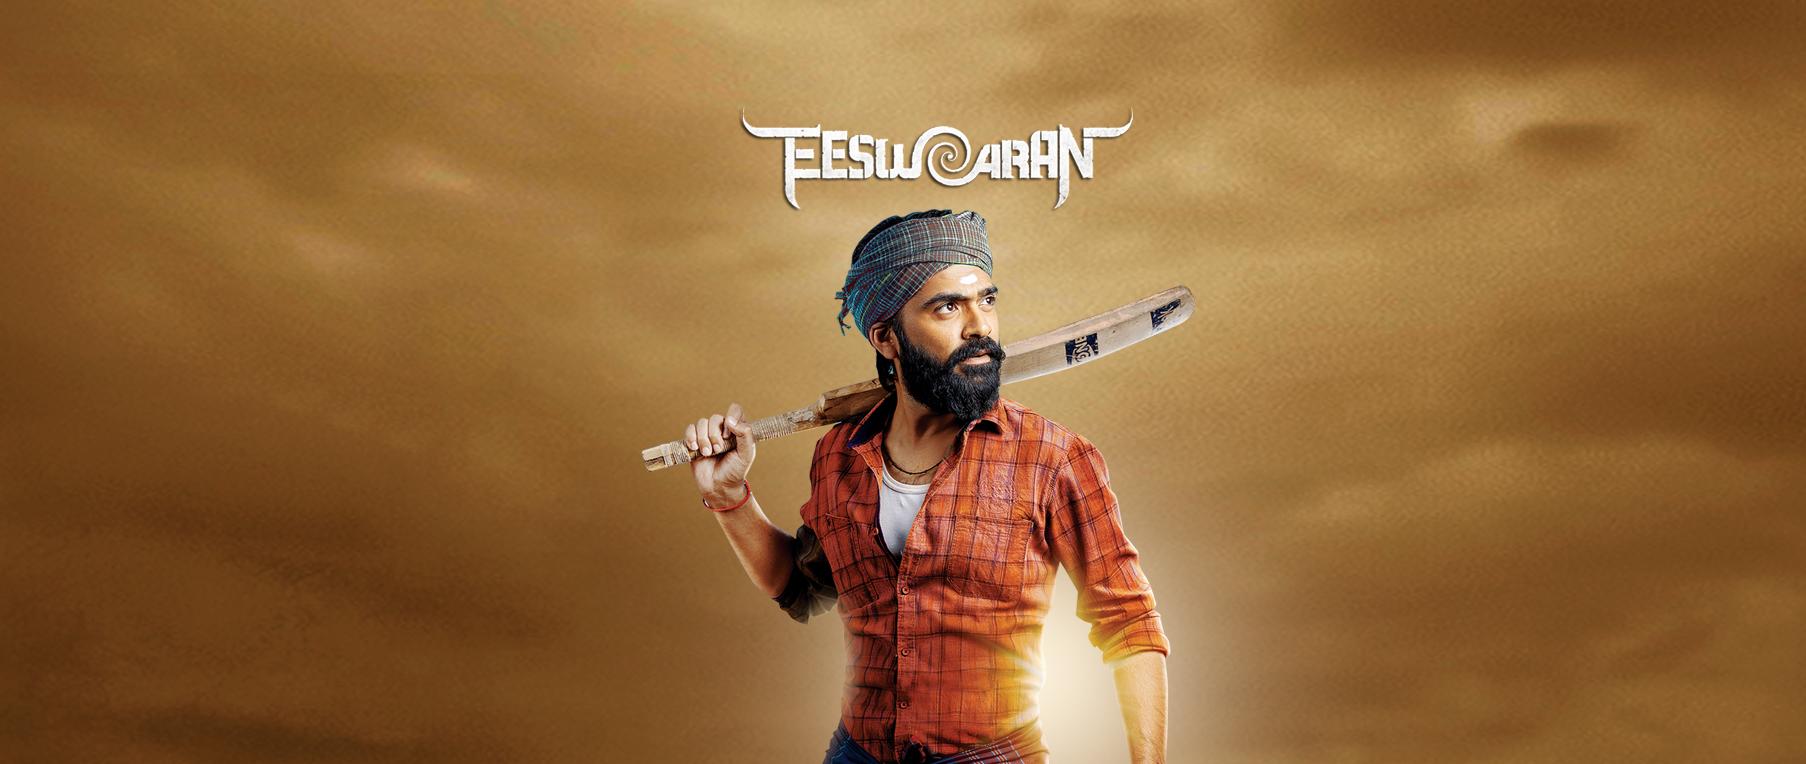 Eeswaran